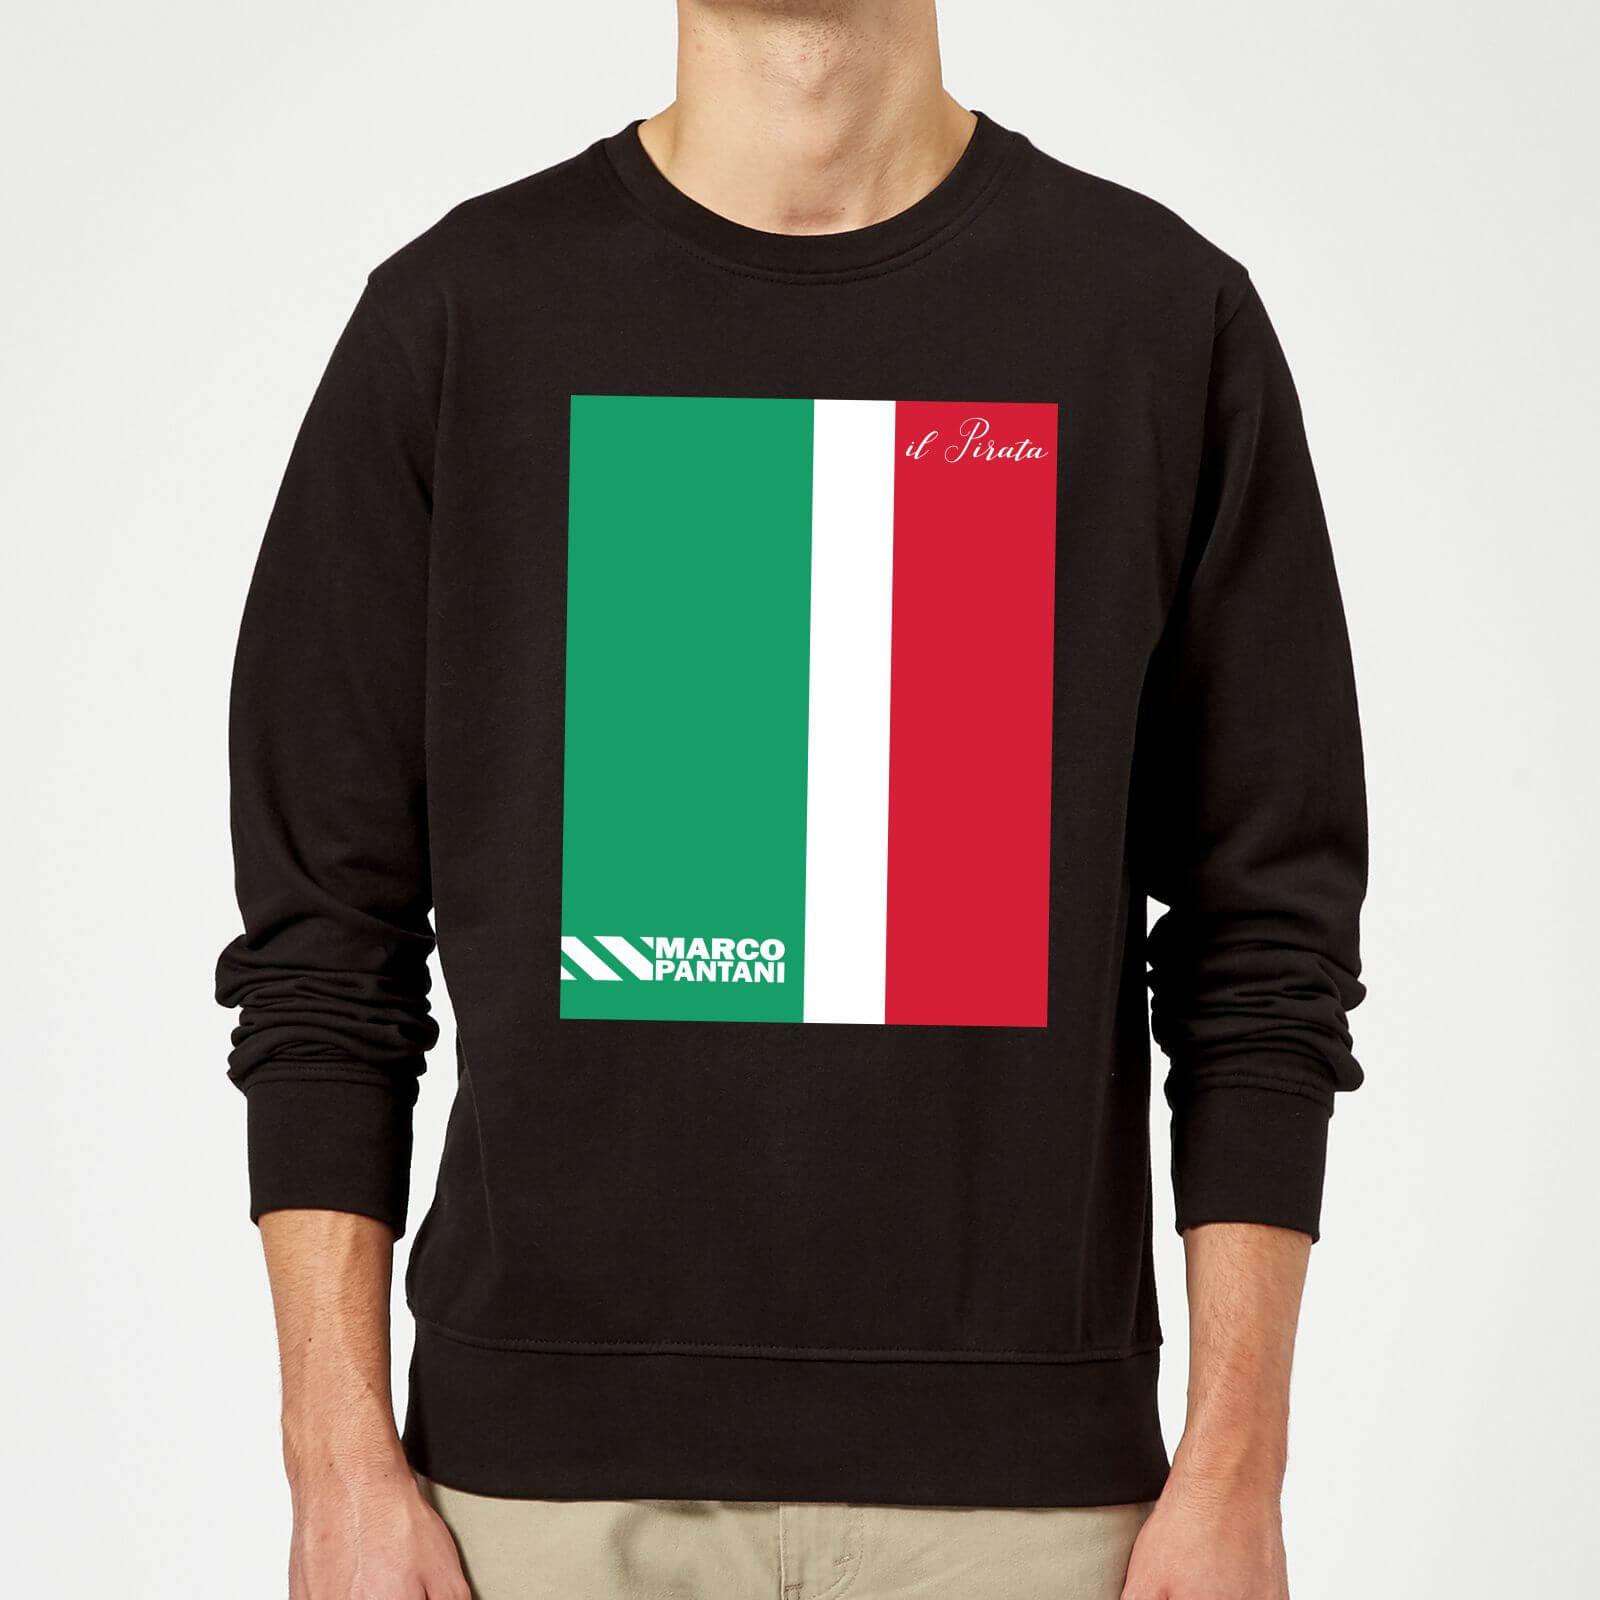 Summit Finish Pantani Il Pirata Sweatshirt - Black - XL - Black